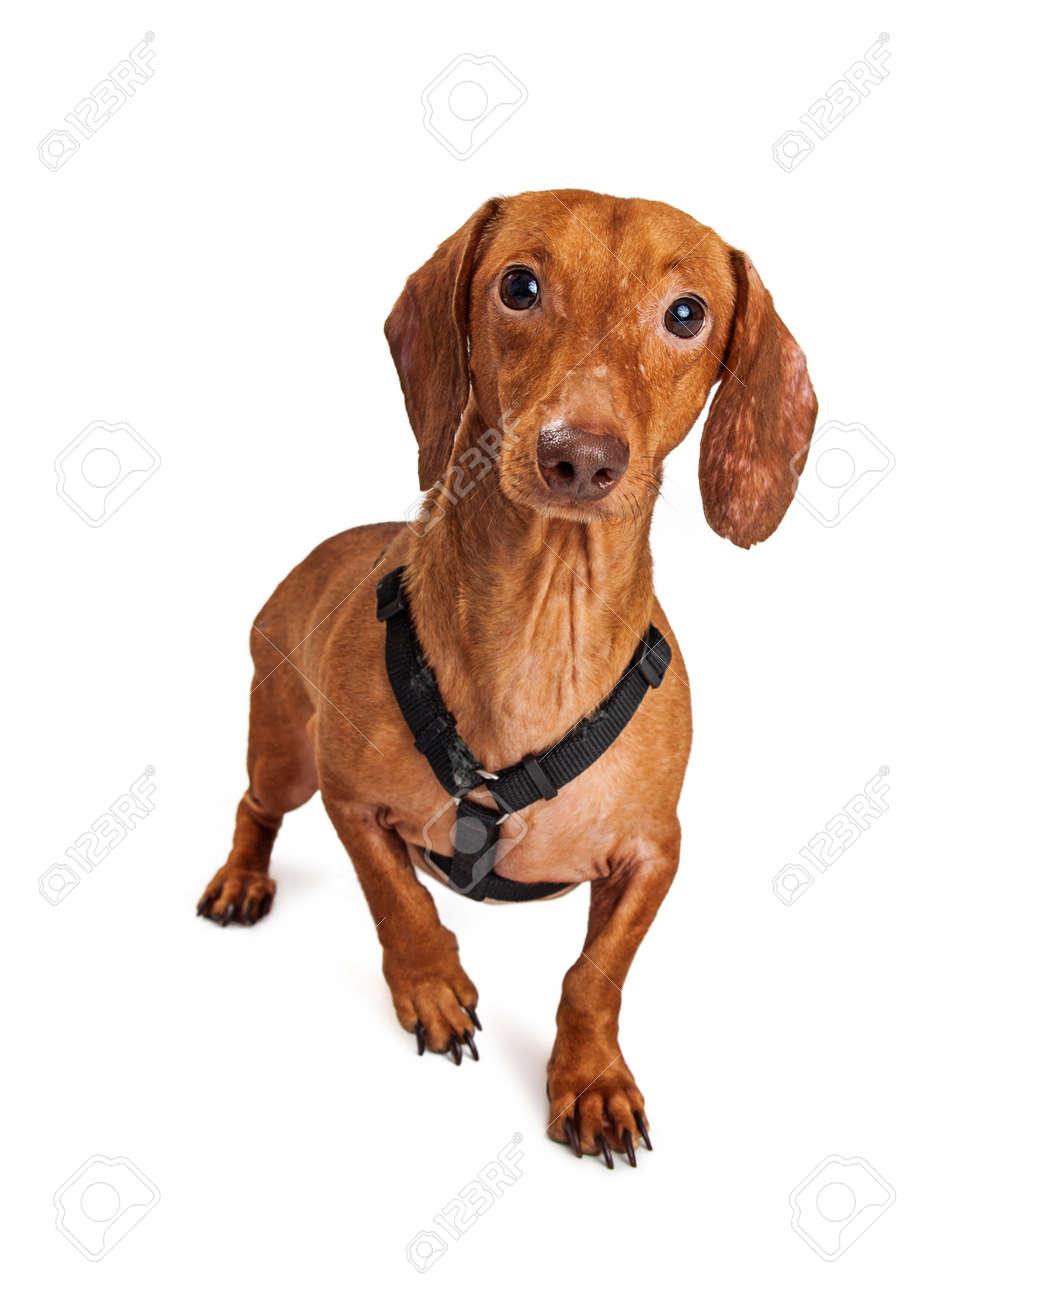 Immagini Stock Piccolo Cane Sveglio Bassotto Incrocio Con Indosso